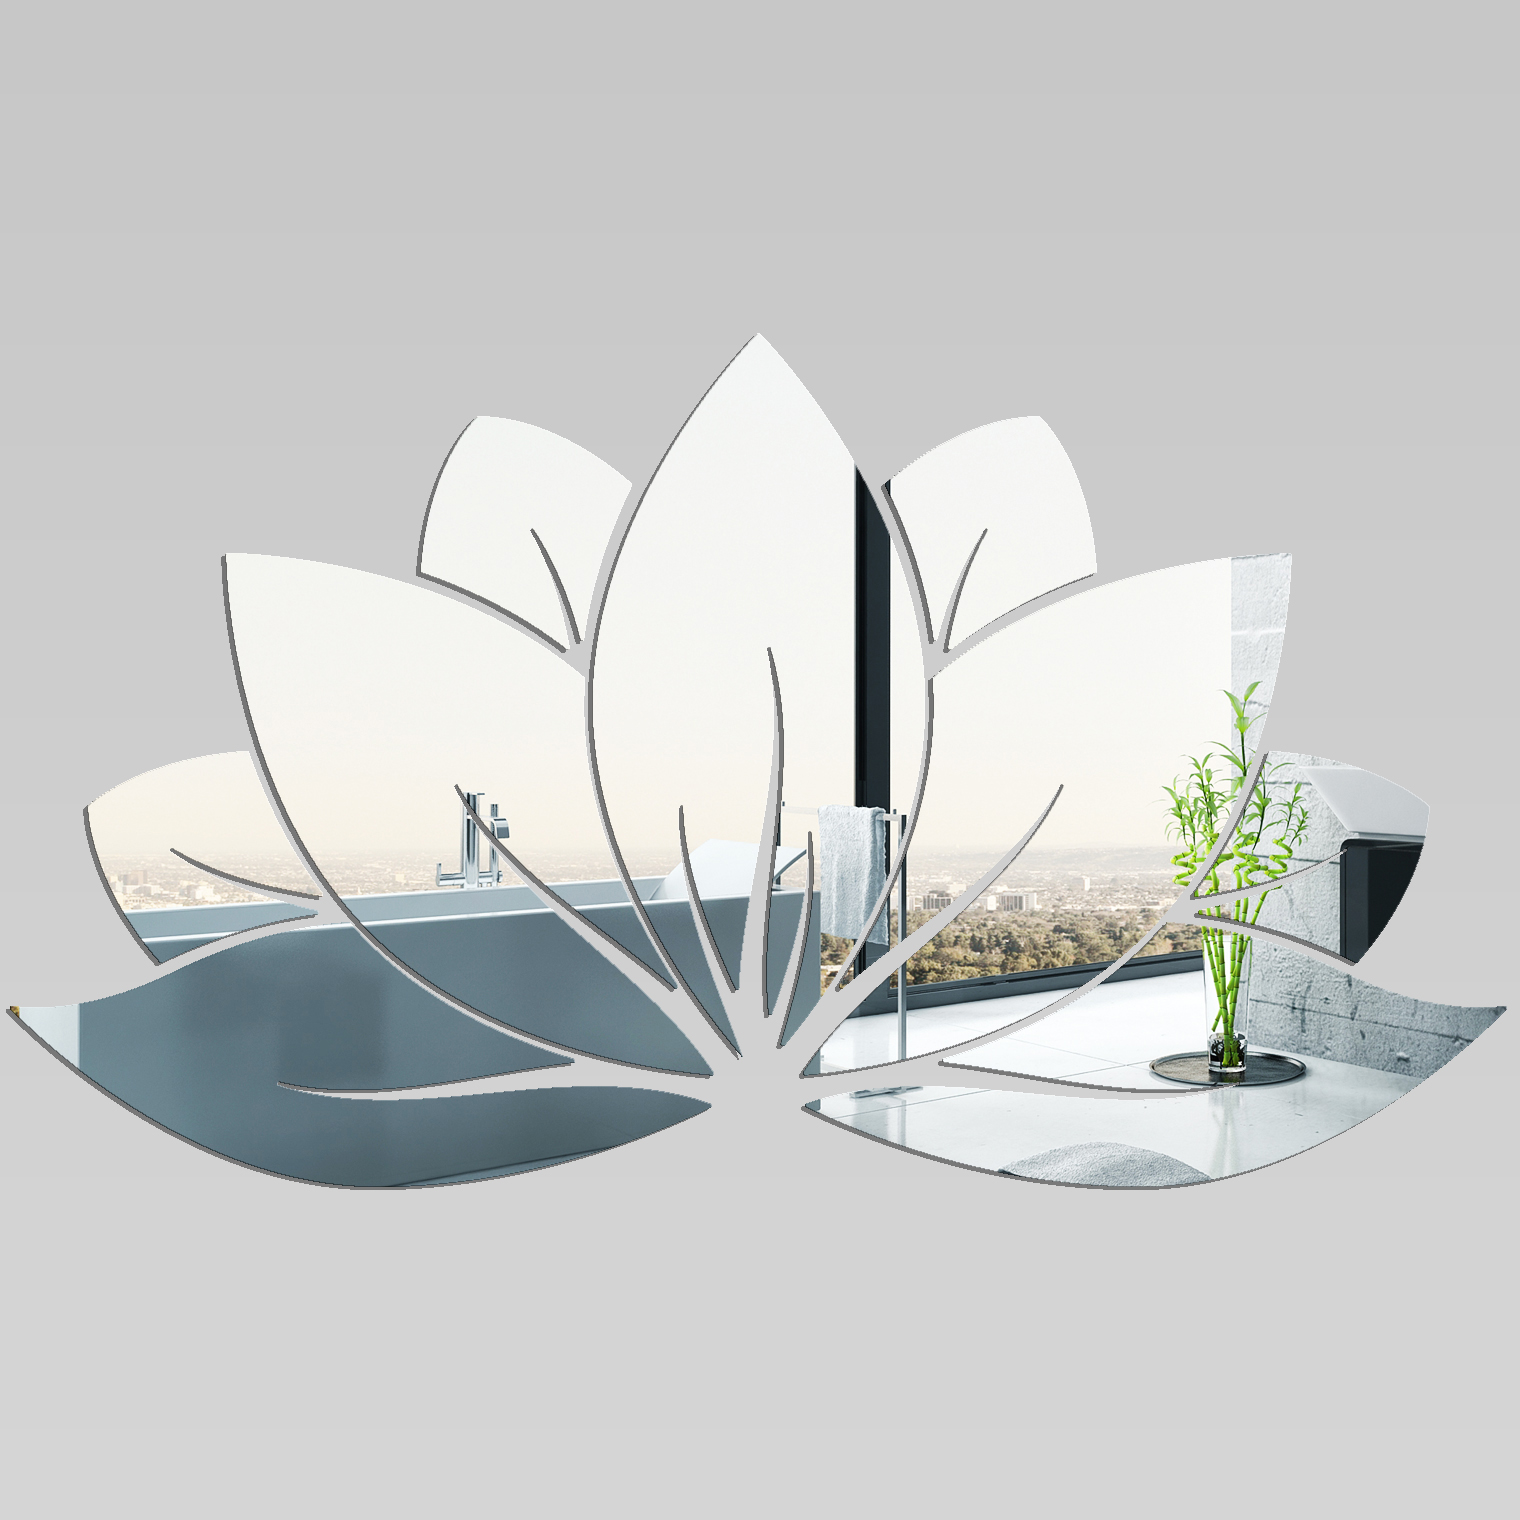 design miroir decoratif pas cher limoges 3331 miroir for miroir mural decoratif pas cher